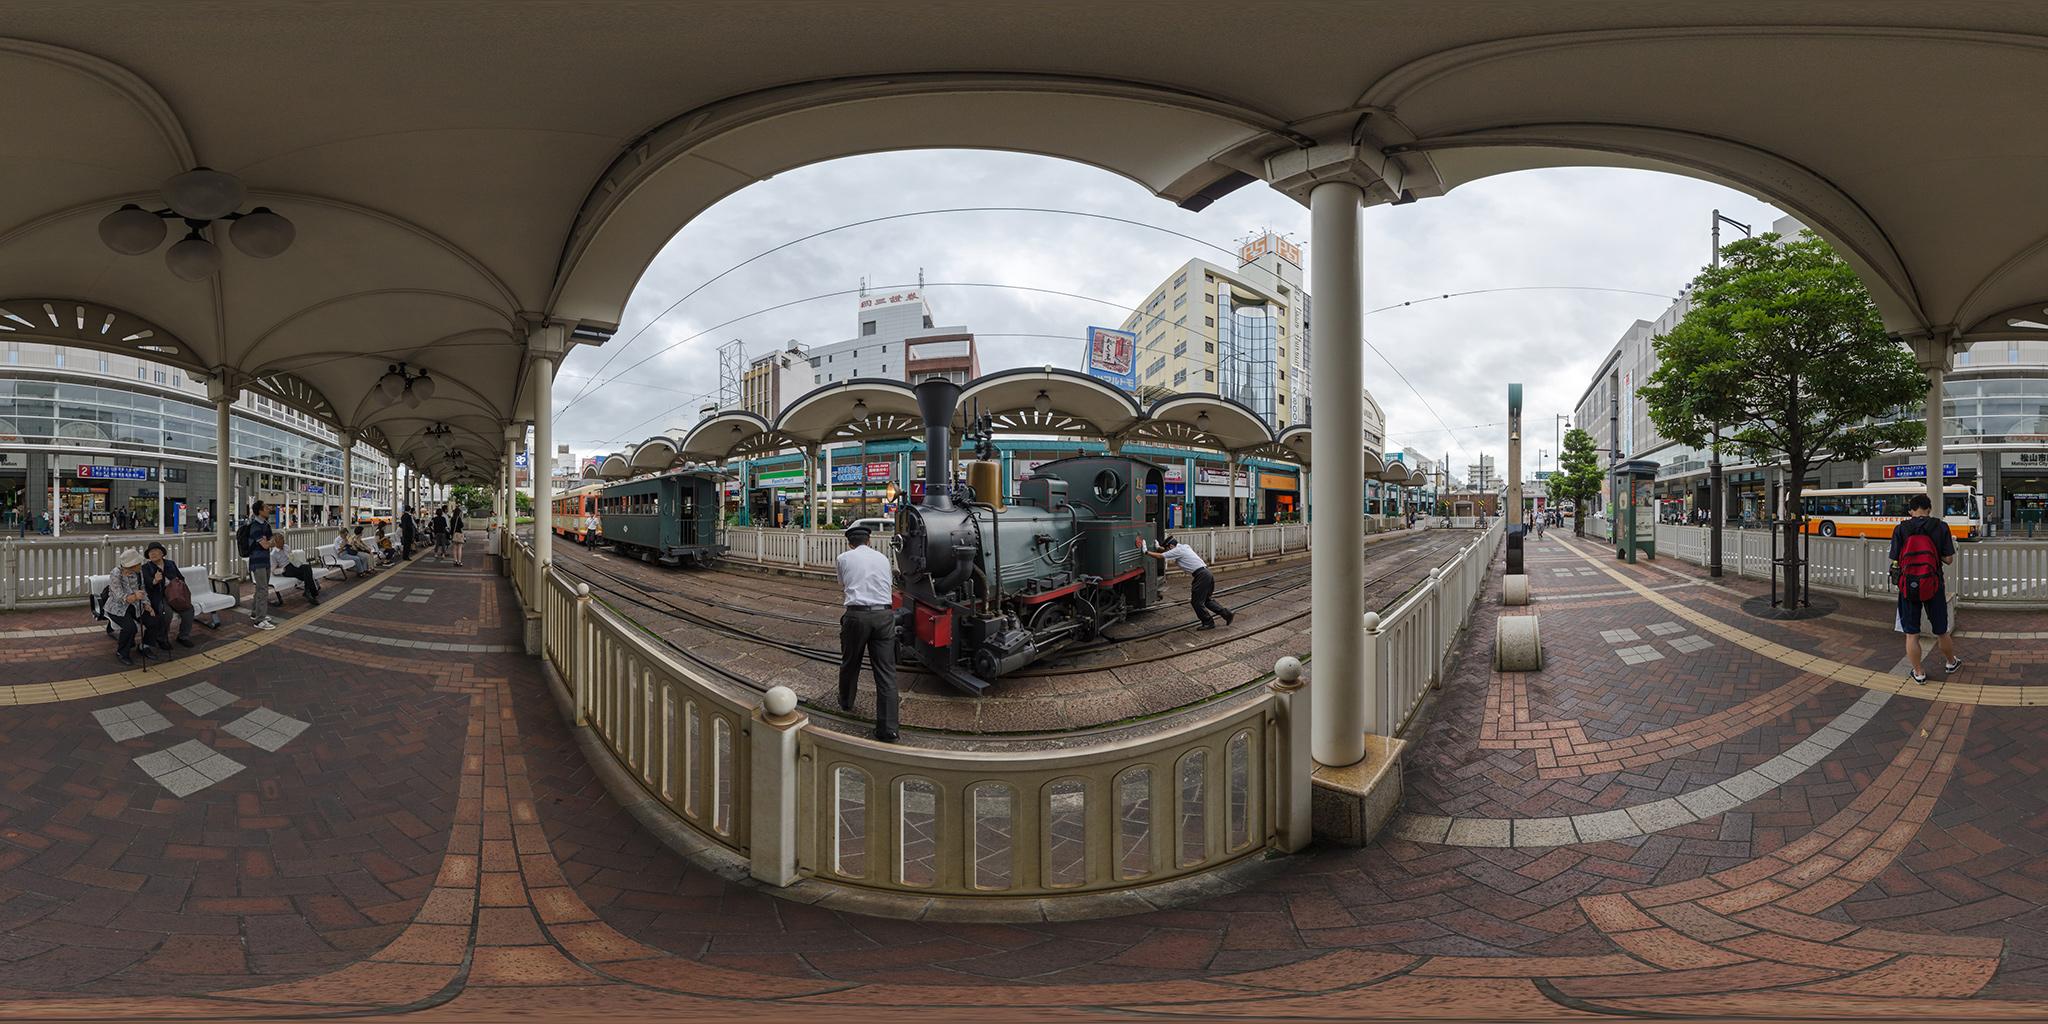 松山市駅で方向転換する坊っちゃん列車